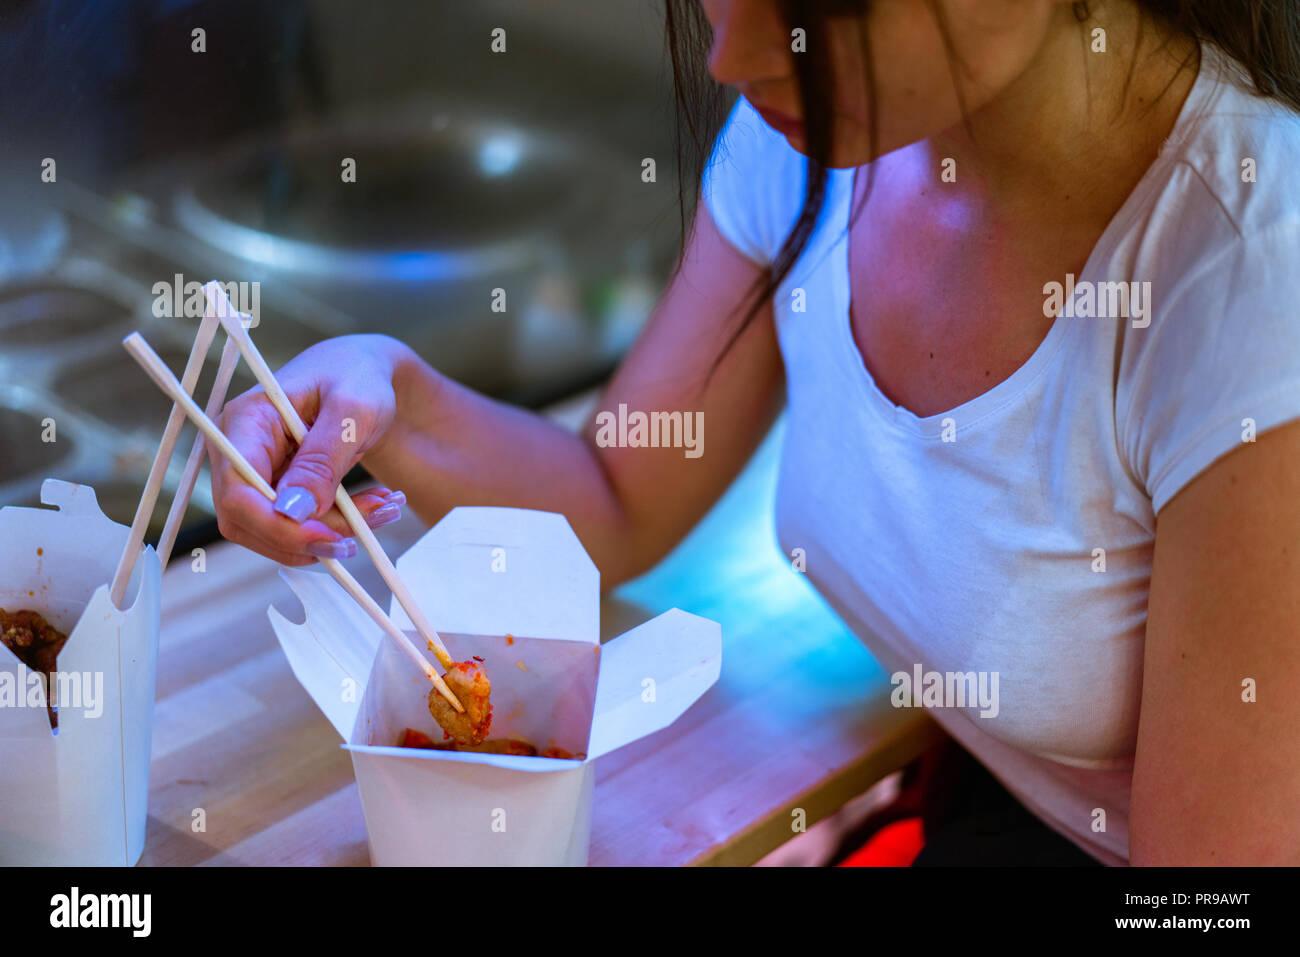 Der junge attraktive Frau essen asiatisch Essen mit Stäbchen im Cafe. Stockbild